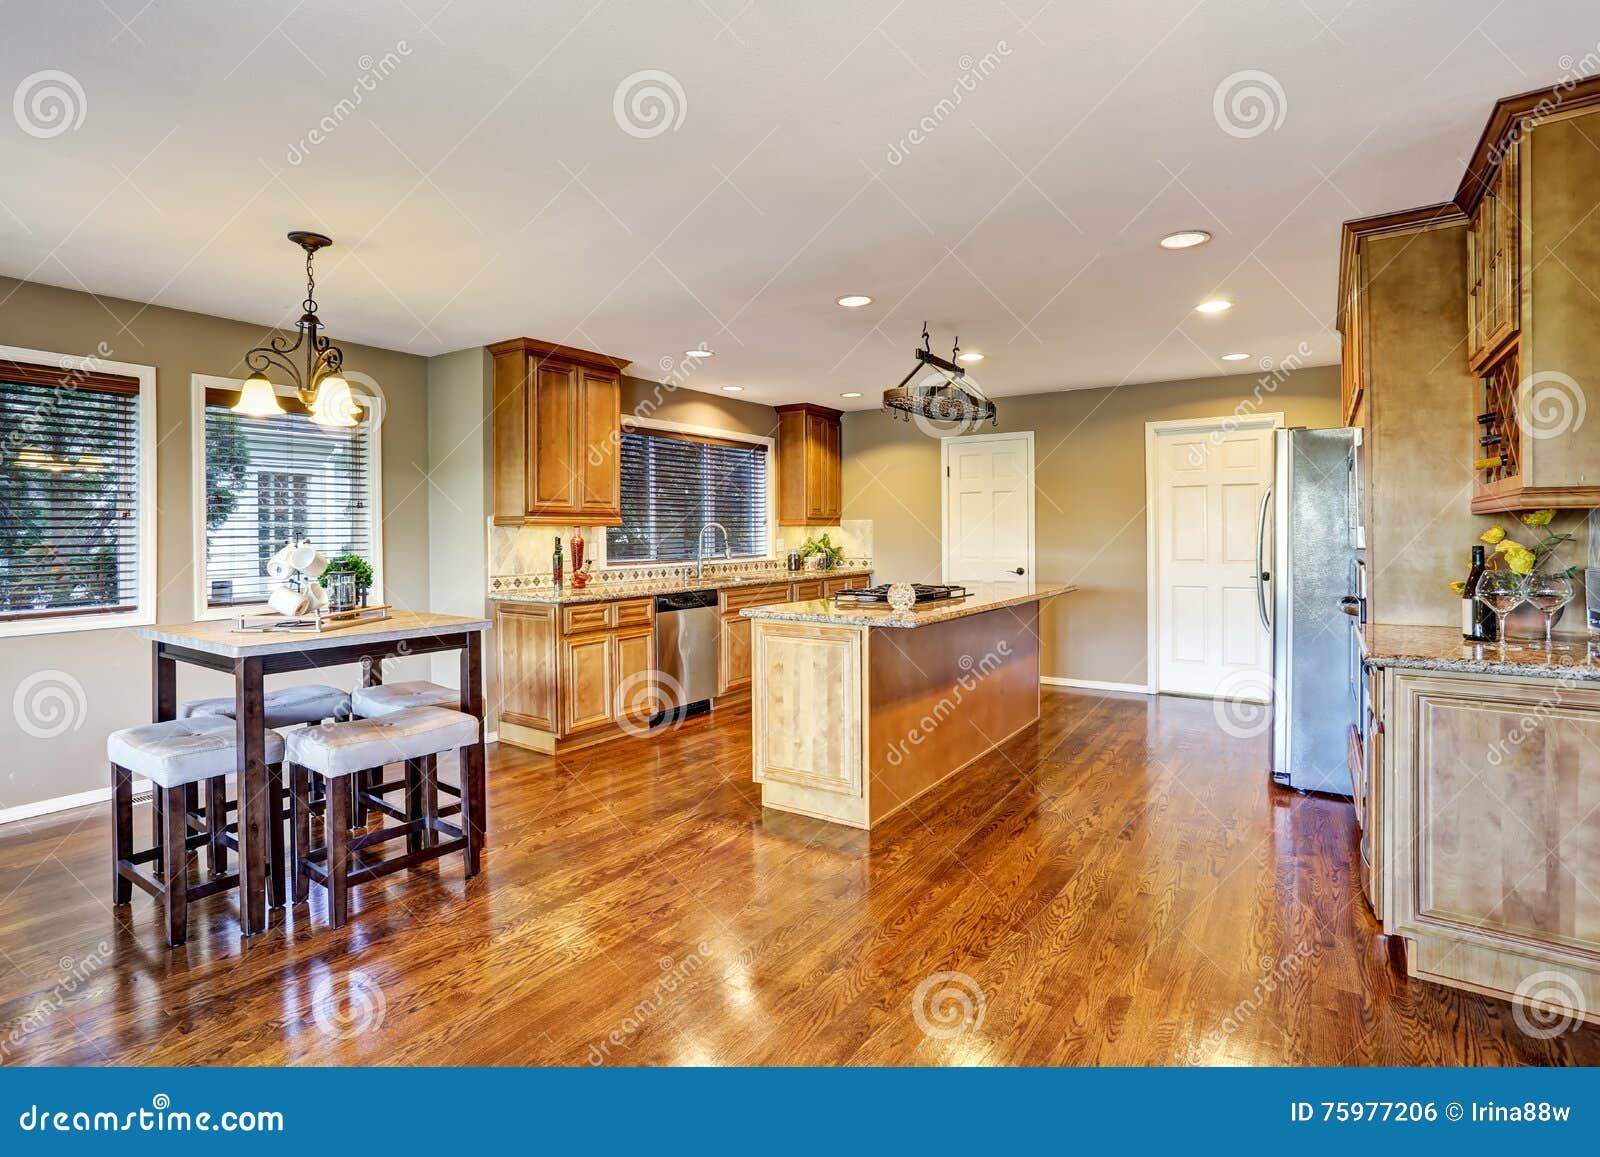 Plan de suelo abierto interior del sitio de la cocina con - Cocinas con encimera de granito ...